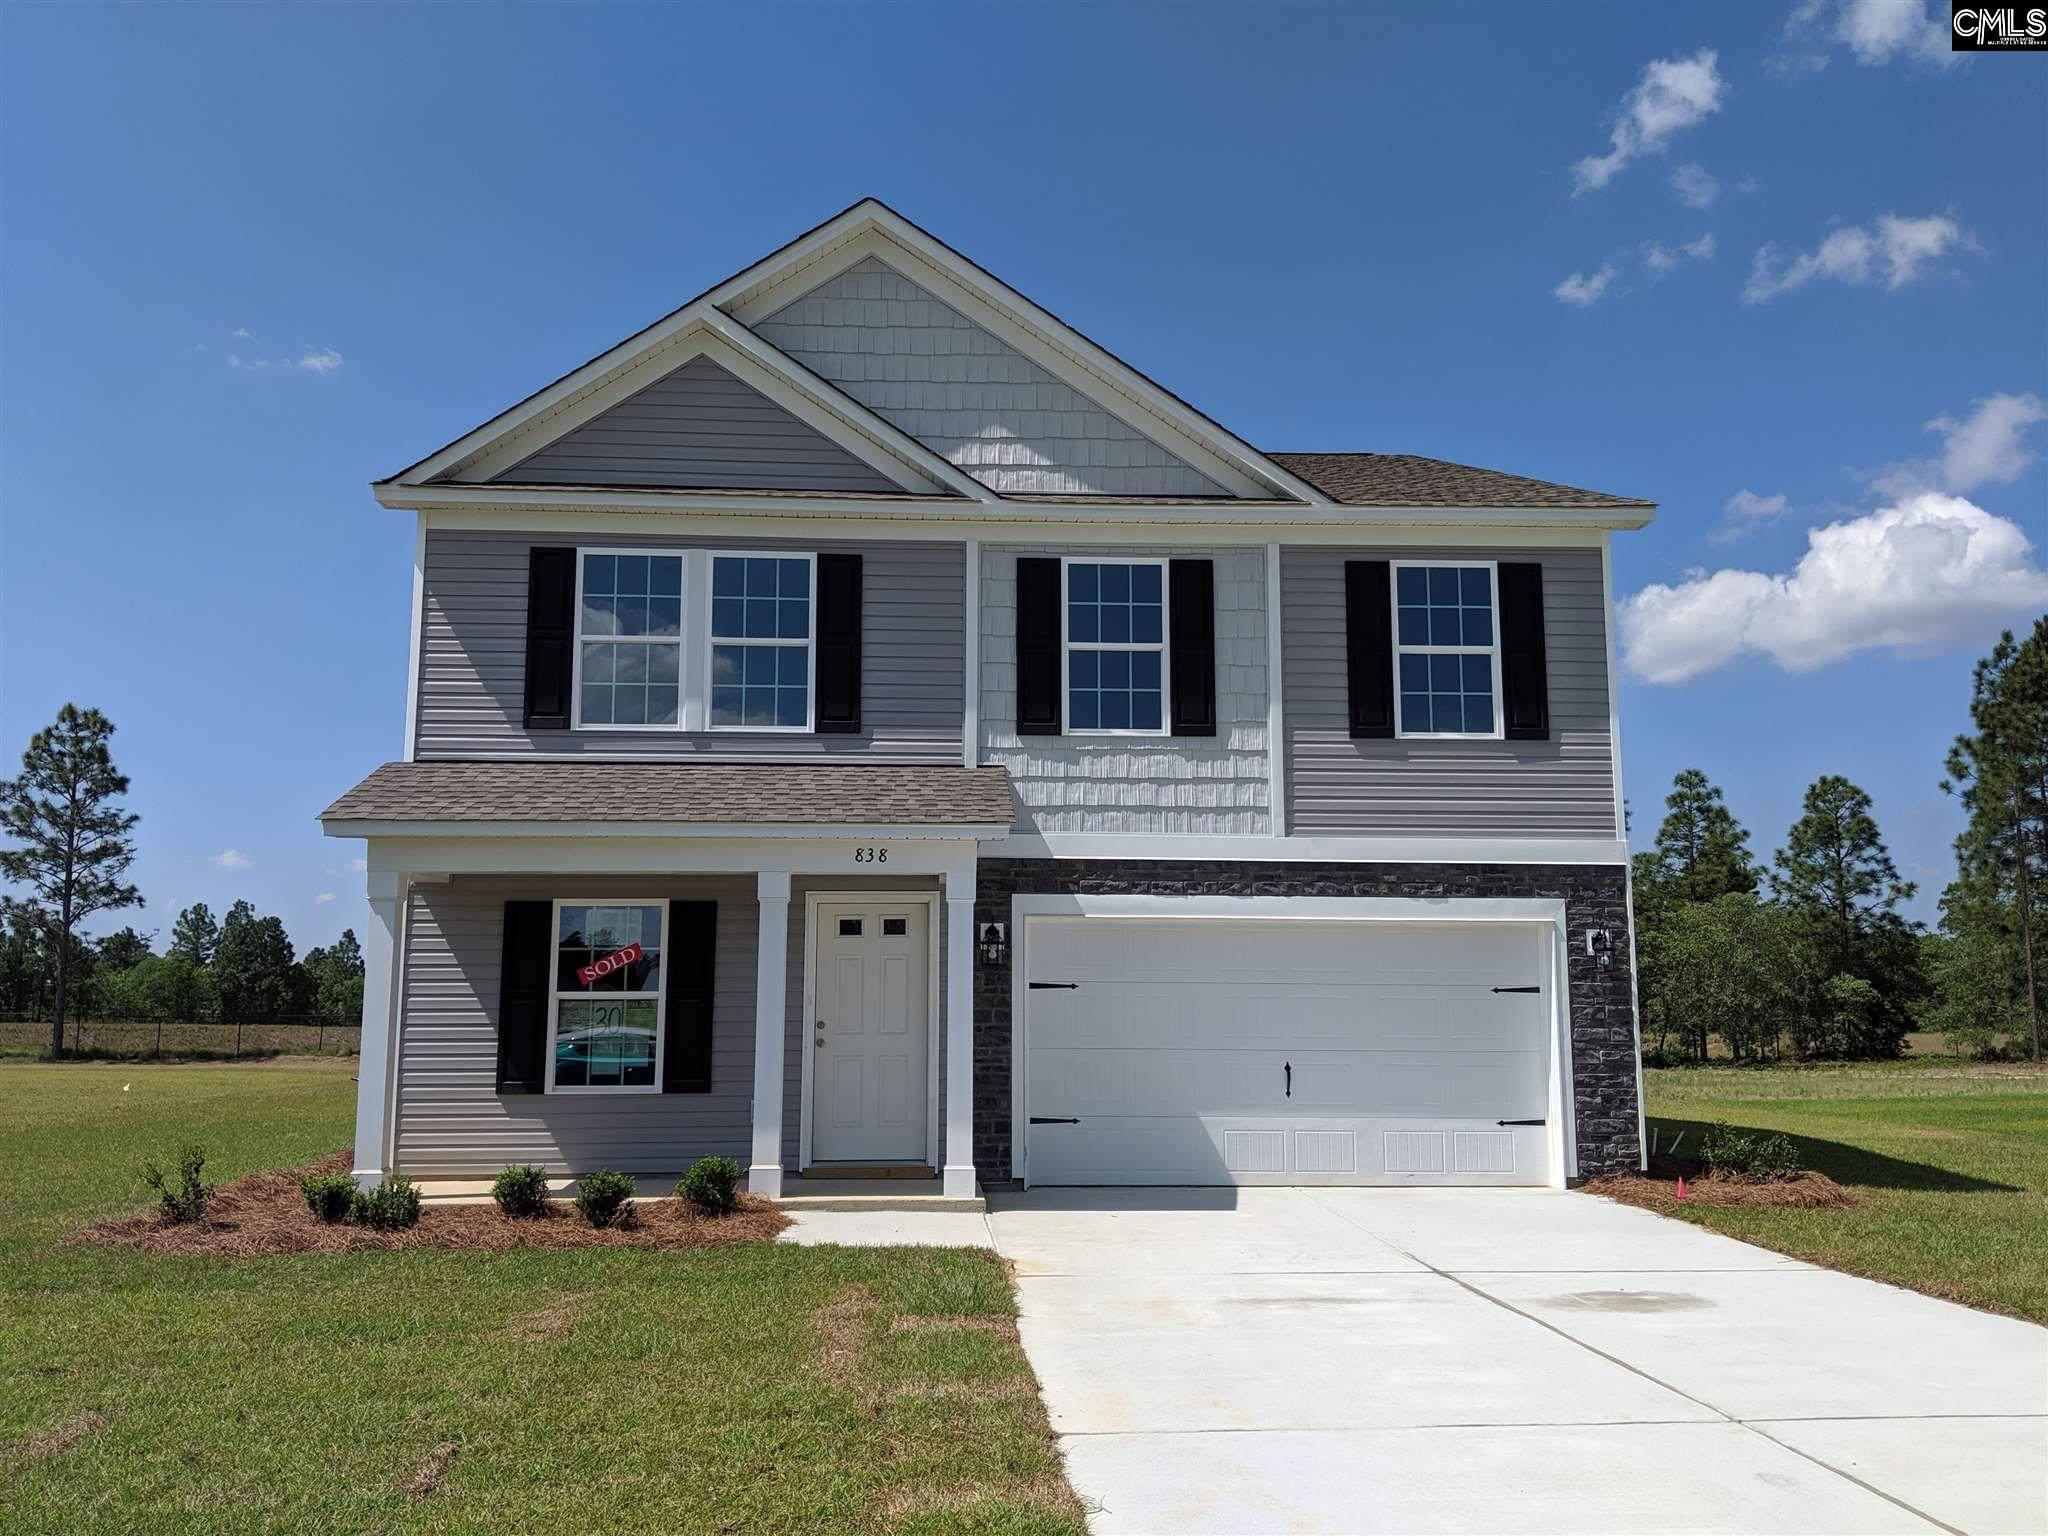 458 Crassula Drive, Lexington, SC 29073 (MLS #482882) :: Home Advantage Realty, LLC